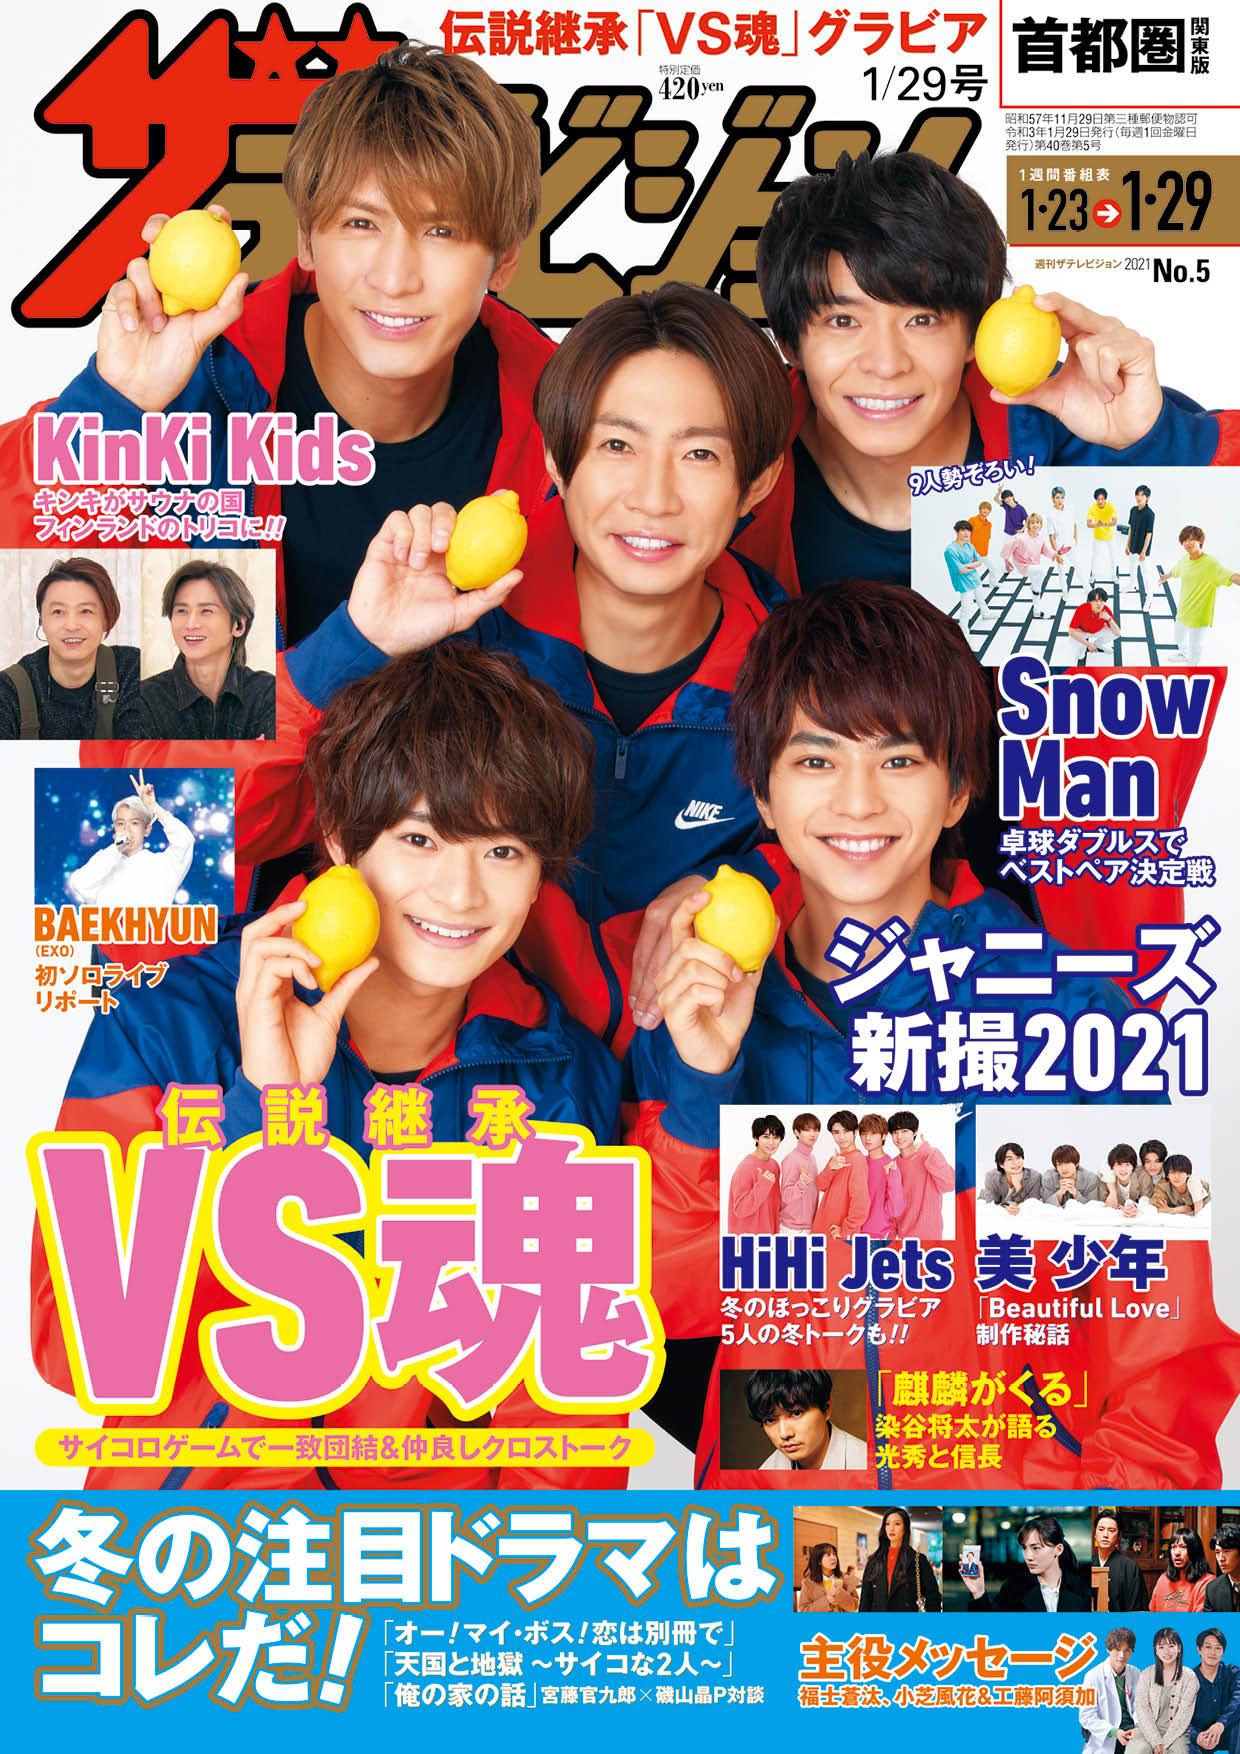 ザテレビジョン 首都圏関東版 2021年1/29号 420円